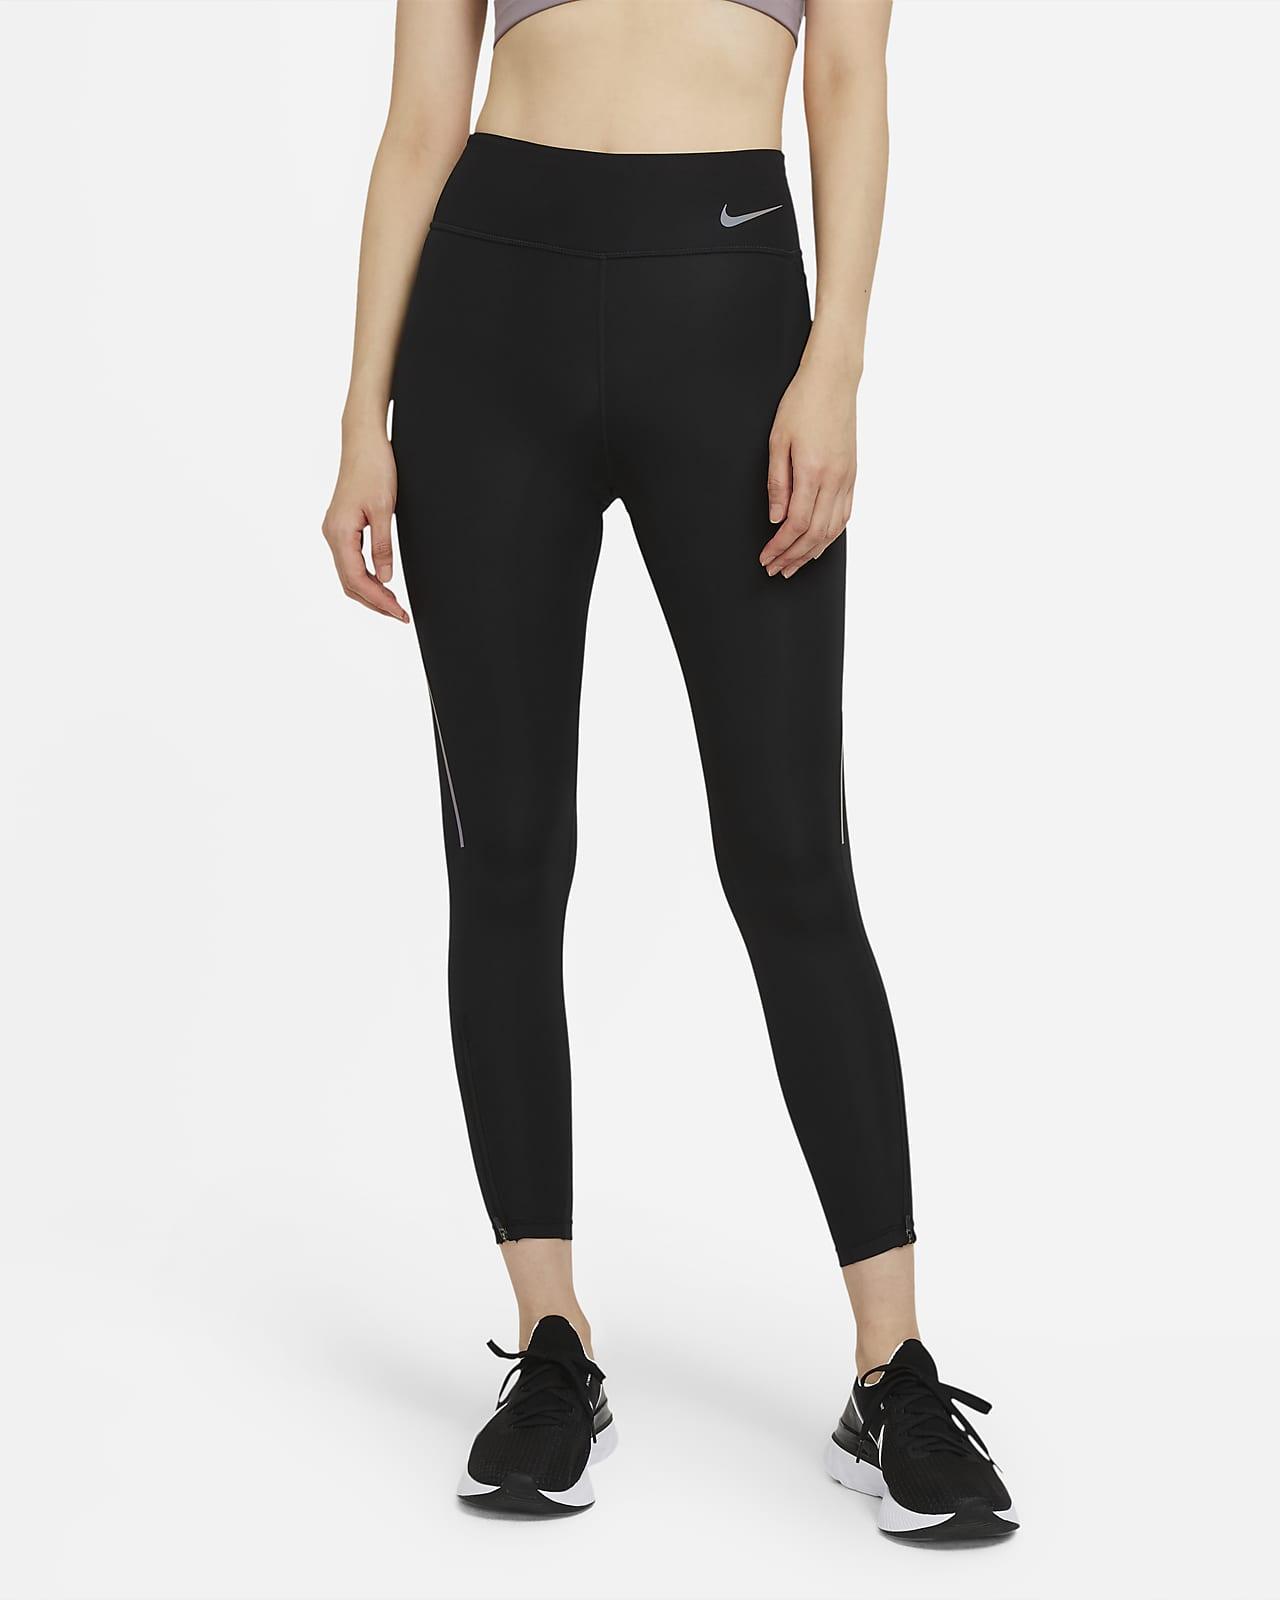 Nike Epic Faster 女款中腰跑步九分內搭褲